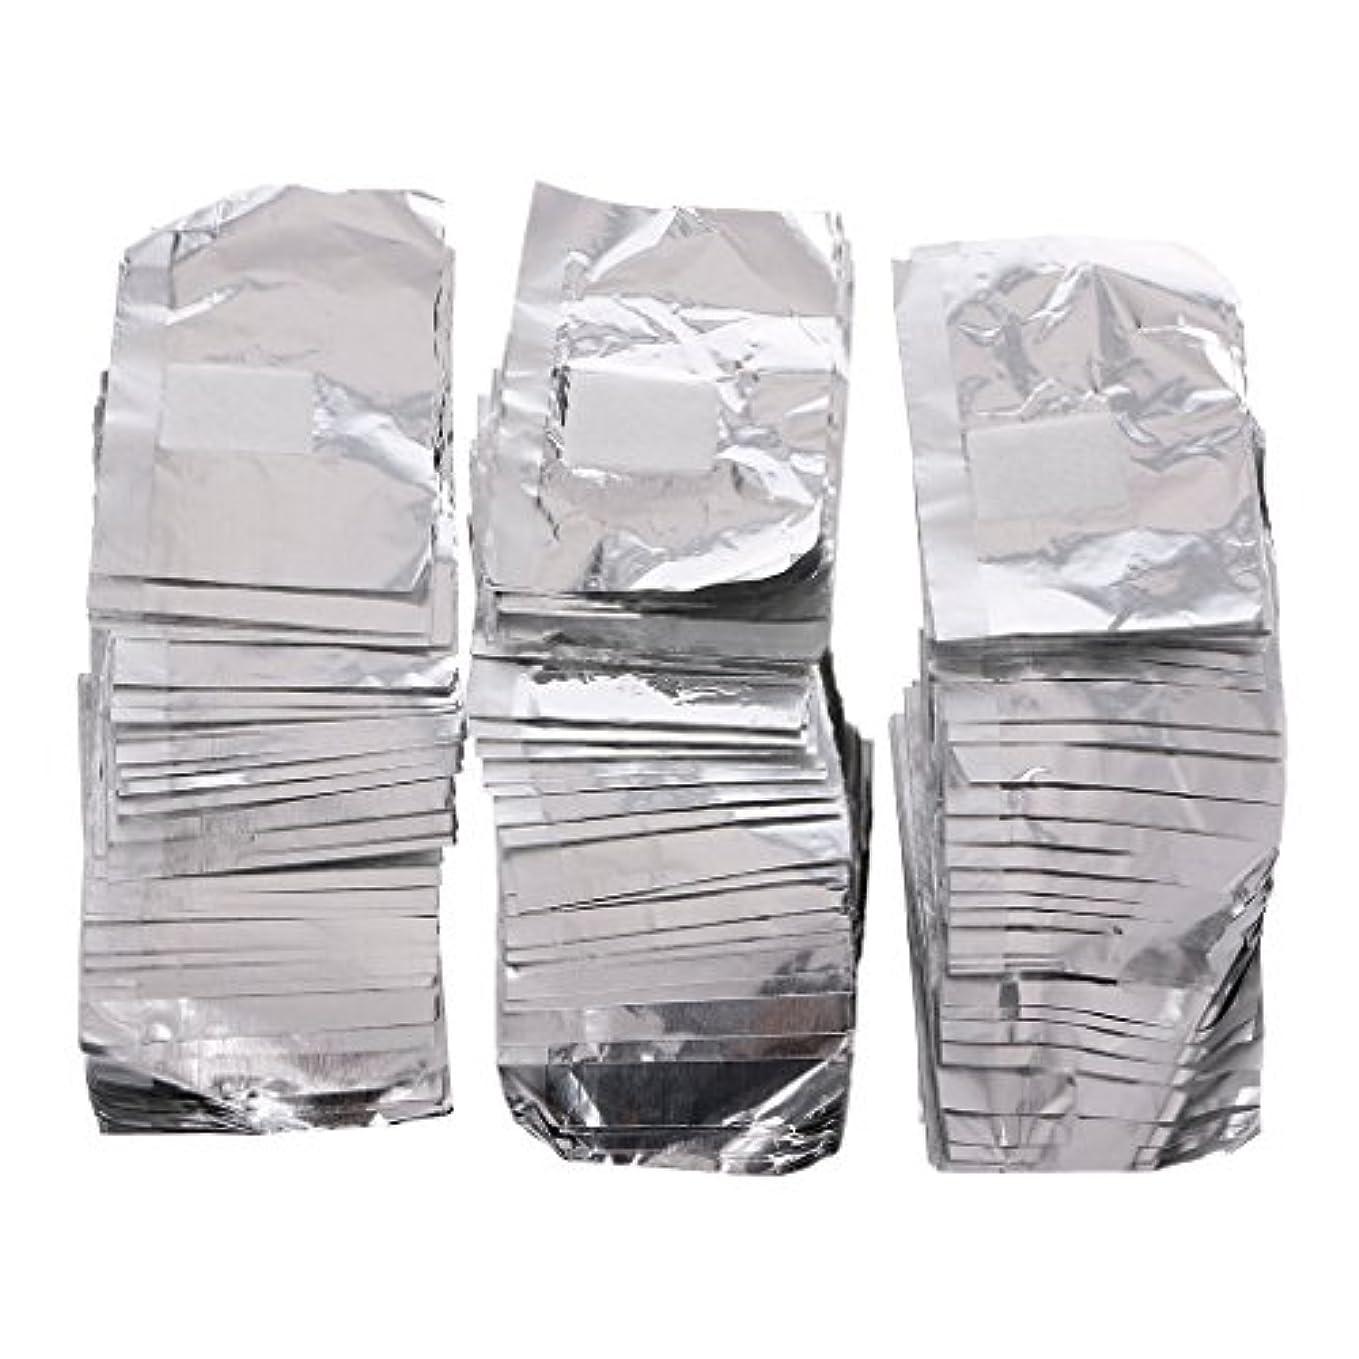 記憶に残るアライアンスセンブランスジャッキーネイルアートアンロード錫箔150Pcピースアルミ箔ネイルアートソークオフアクリルジェルポリッシュネイルラップリムーバー